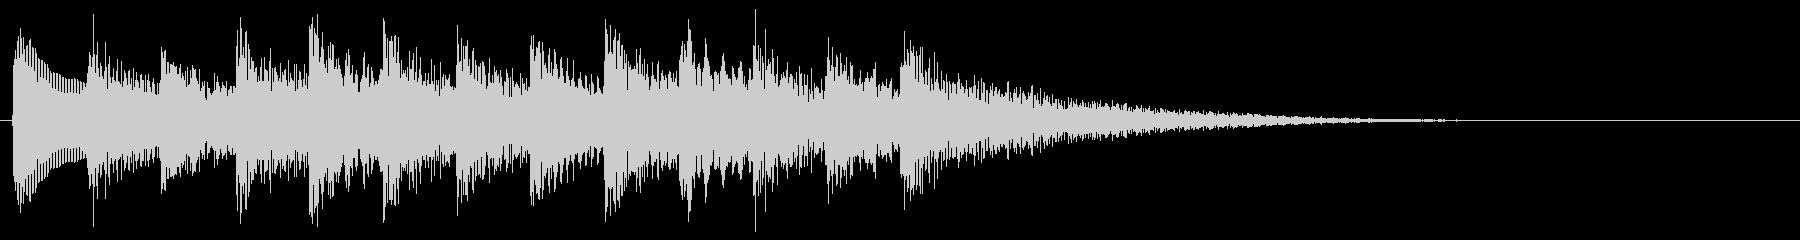 和風効果音 琴 場面転換 切り替えの未再生の波形